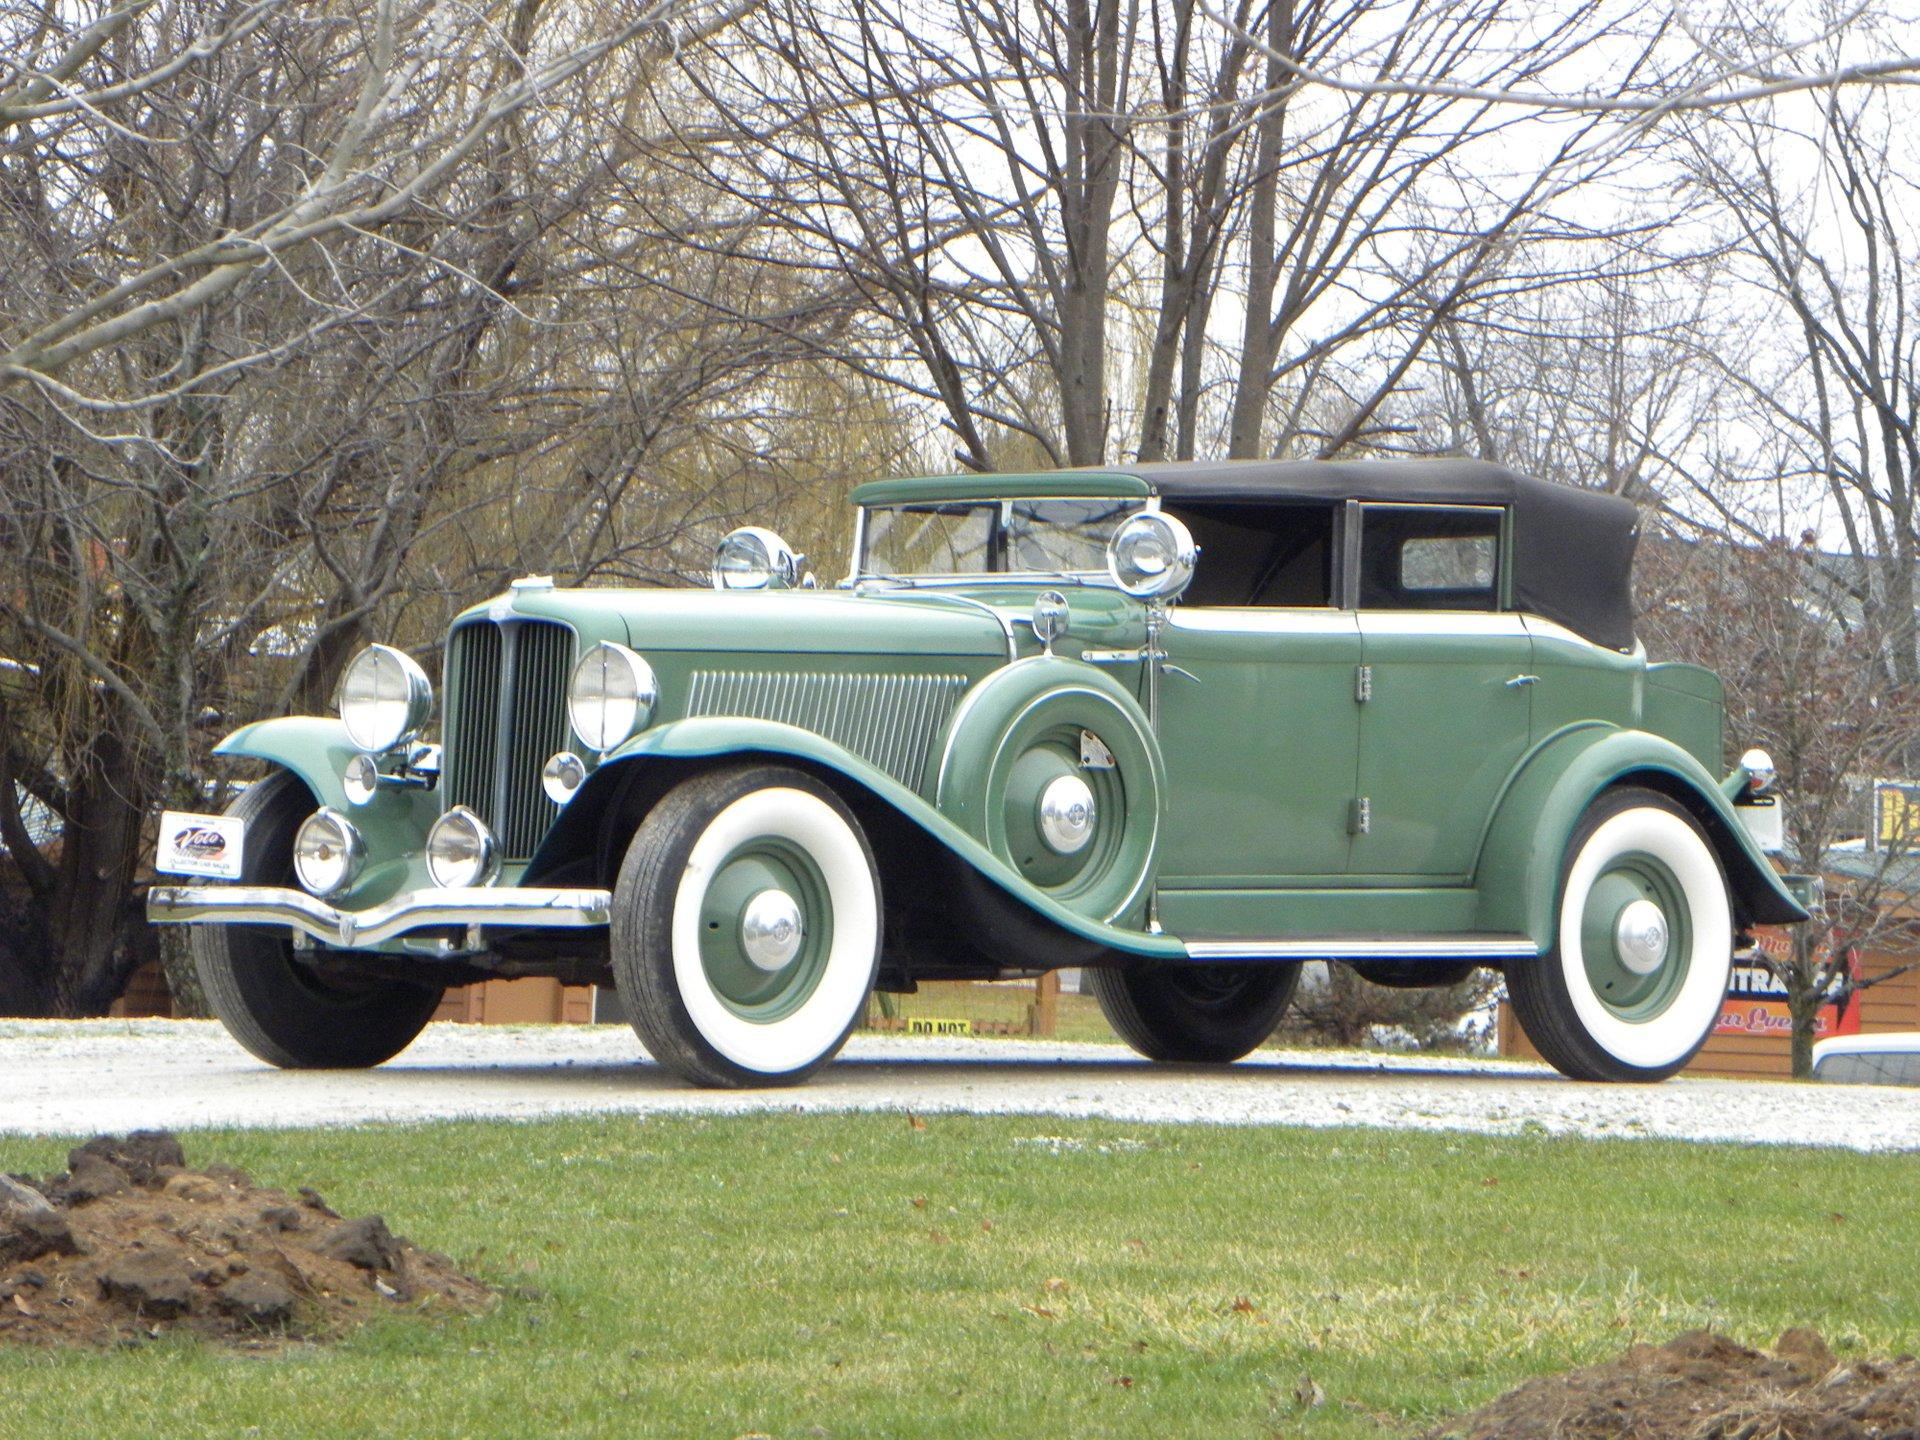 1933 auburn 12 161a custom phaeton